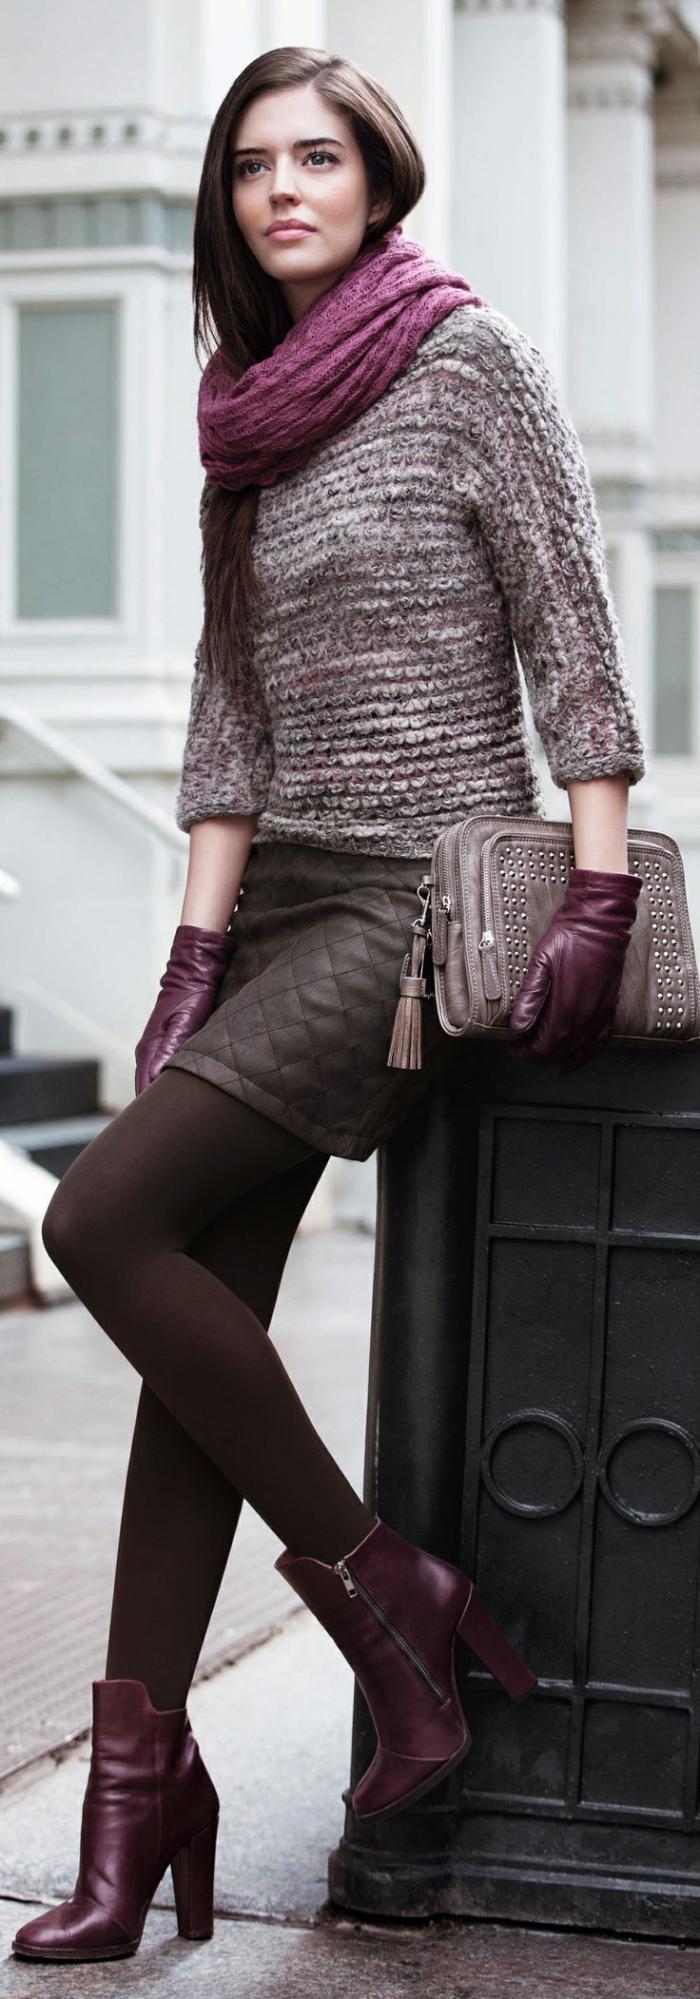 grosse-écharpe-pourpre-bottes-et-gants-en-même-gamme